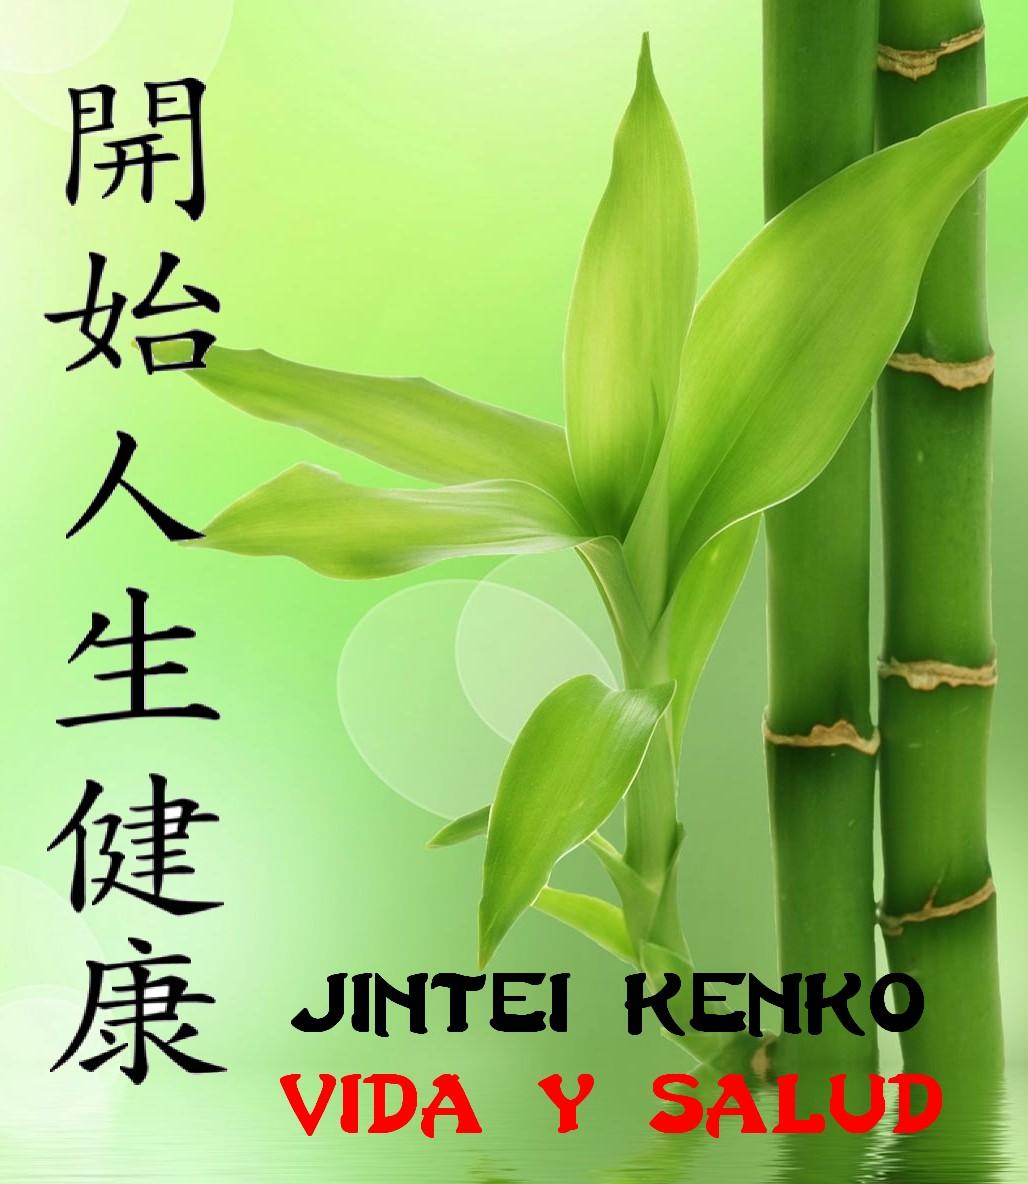 KAISHI, JINTEI KENKO